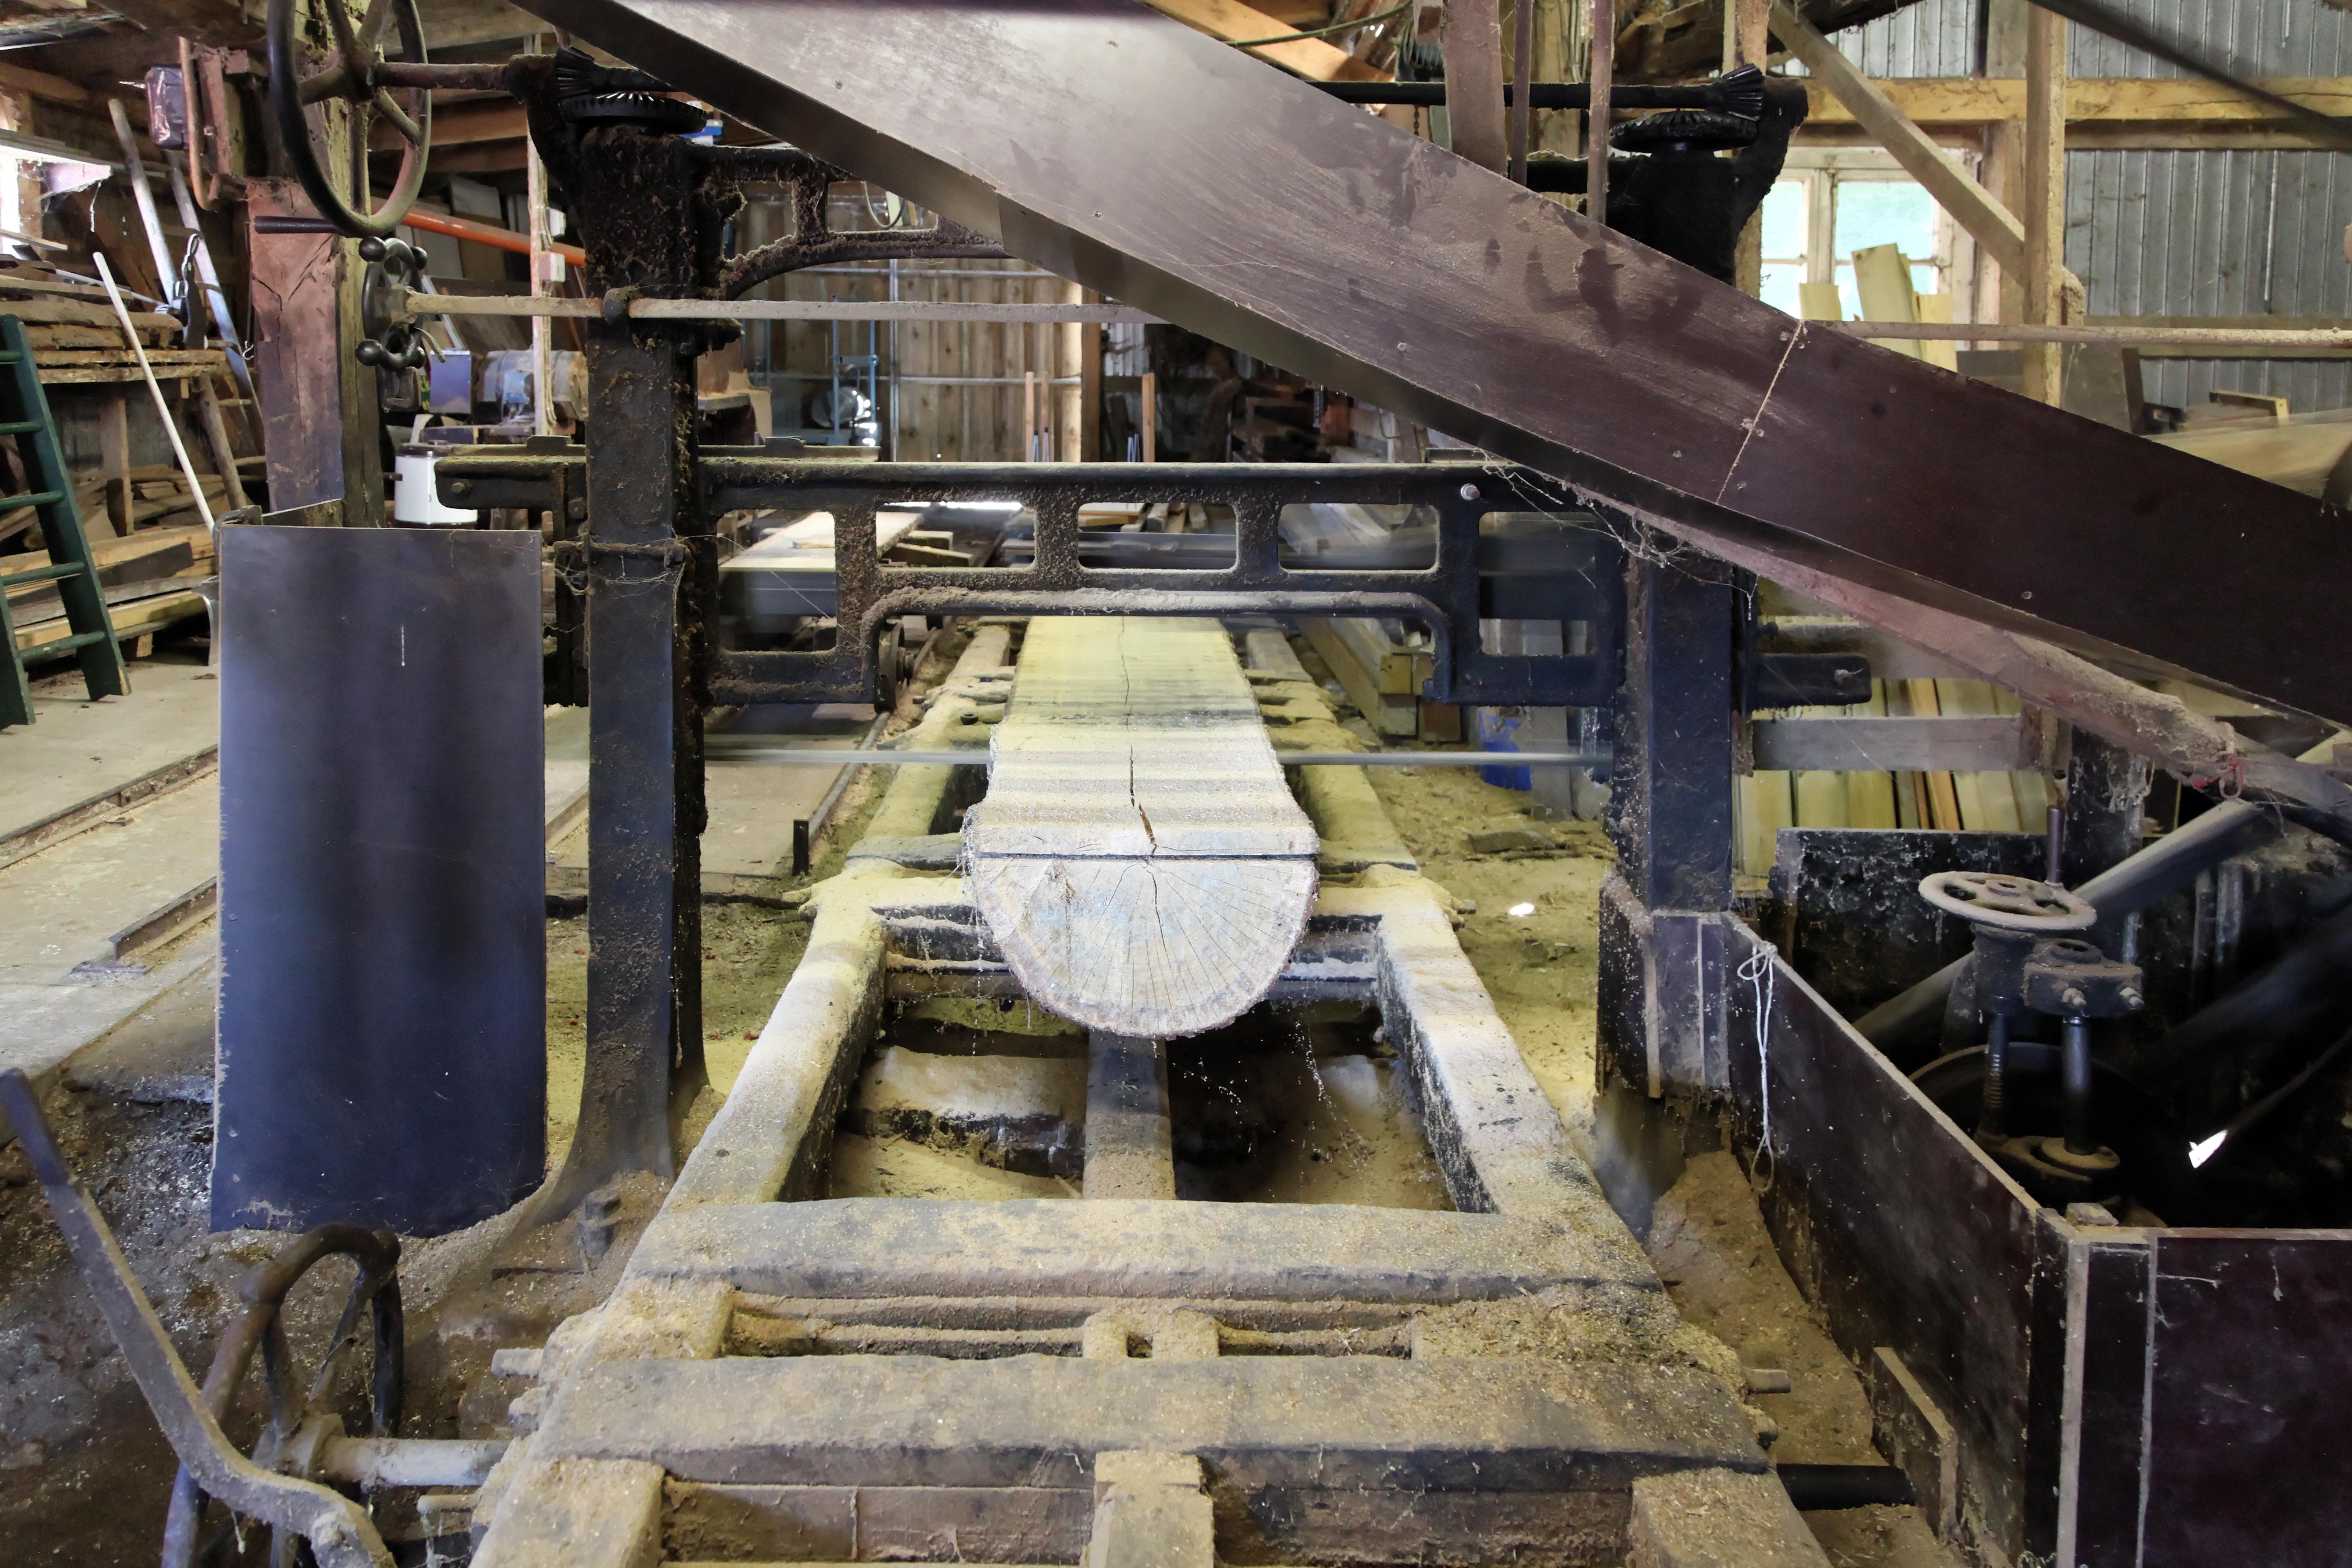 File:Lindern Liener - Auener Straße - Hermelings Mühle - Sägewerk in